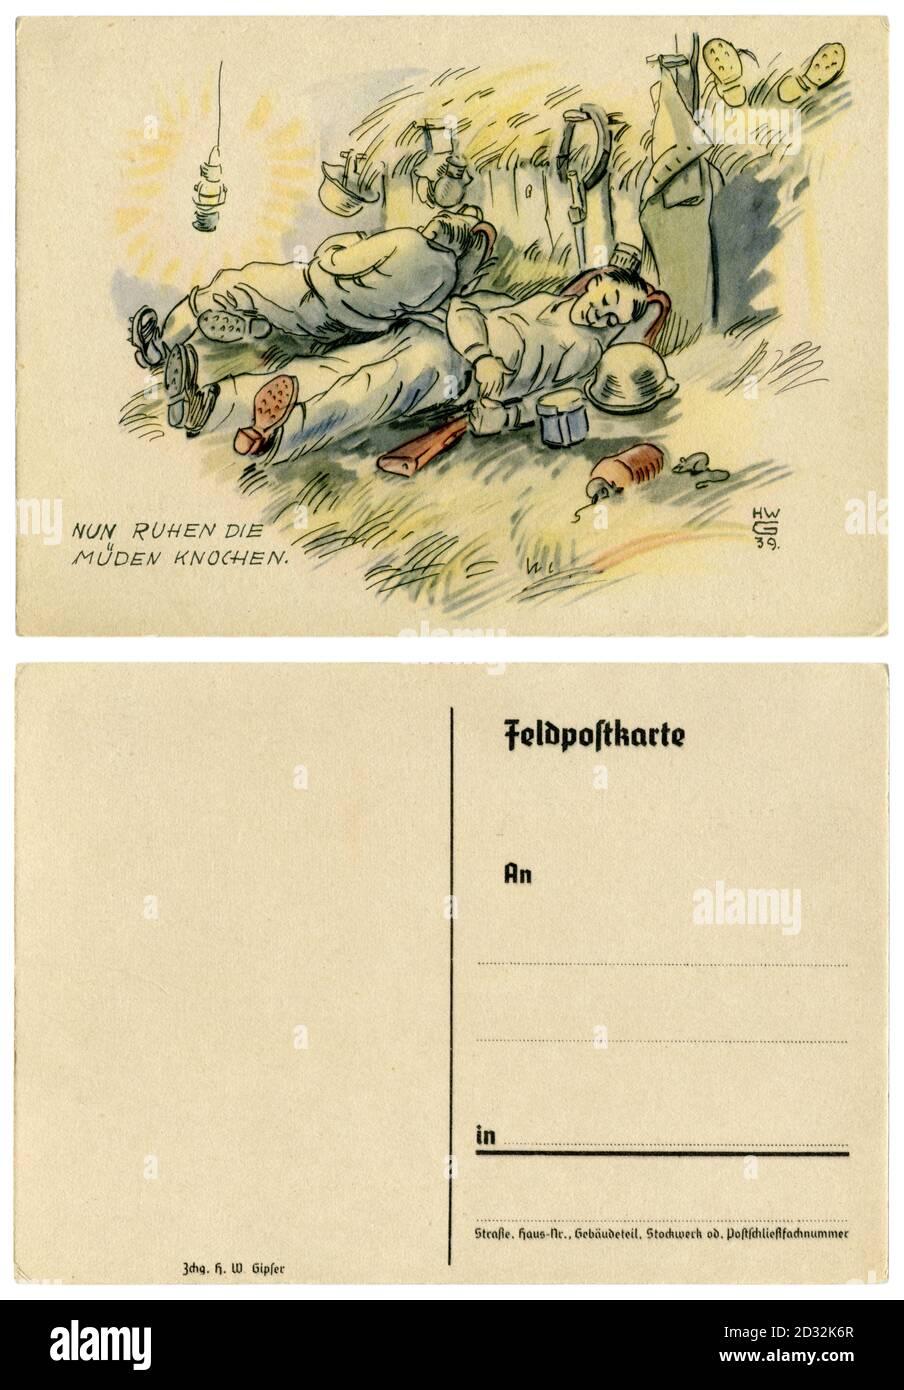 Carte postale historique allemande : maintenant les os fatigués se reposent. Les soldats dorment dans le hanyloft, de l'équipement militaire est aménagé à côté d'eux. 1939 Banque D'Images